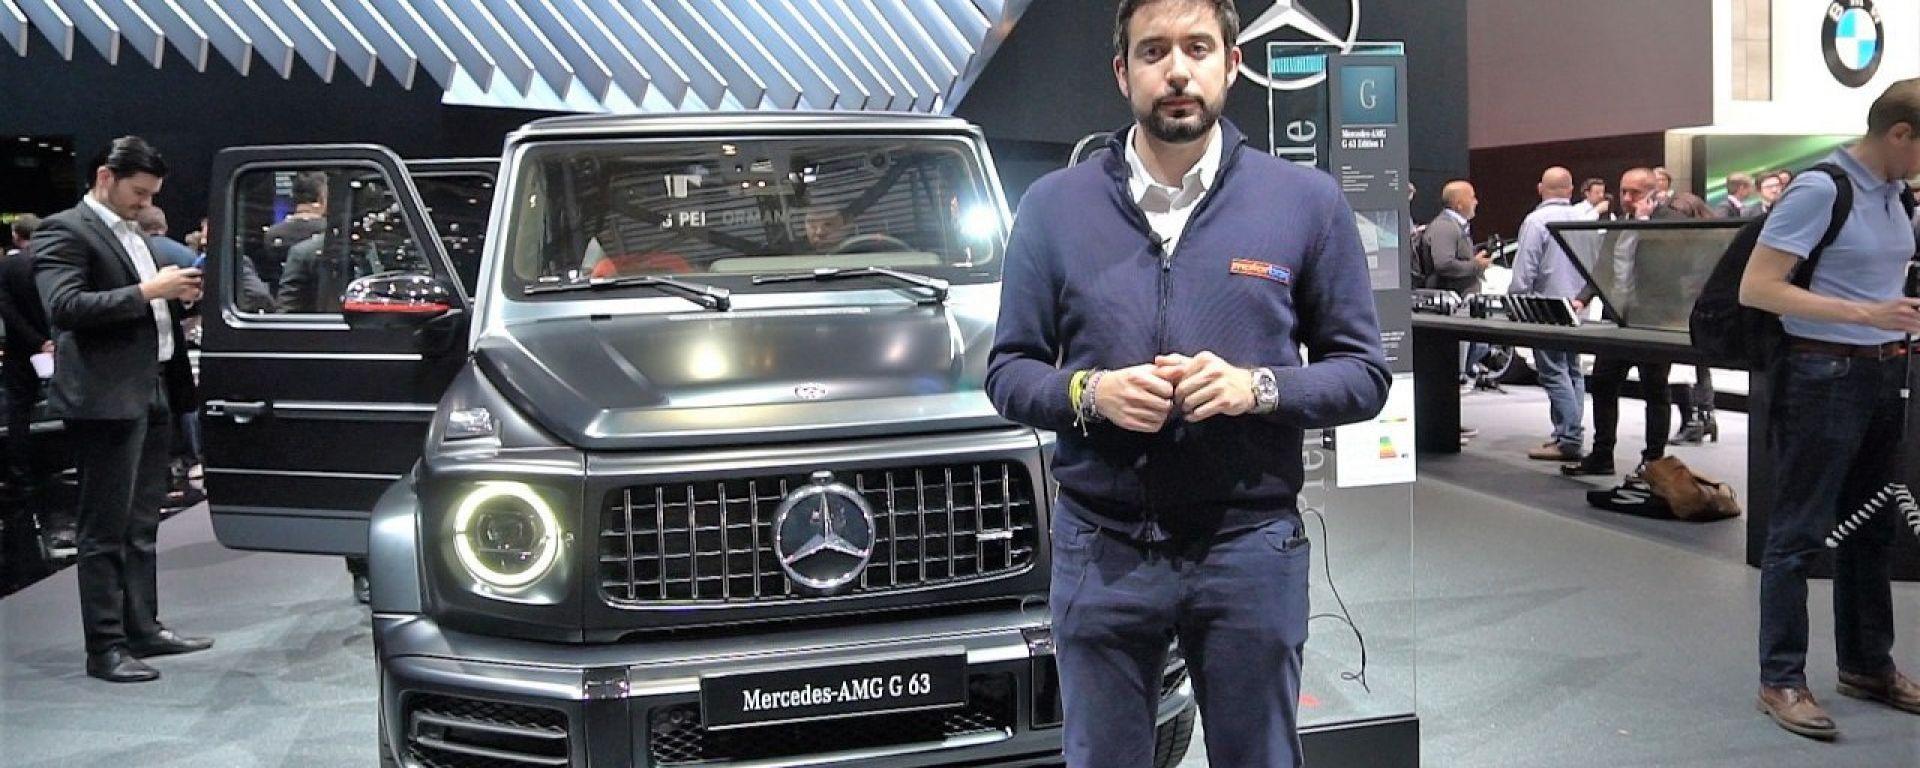 Nuova Mercedes-AMG G63: in video dal Salone di Ginevra 2018